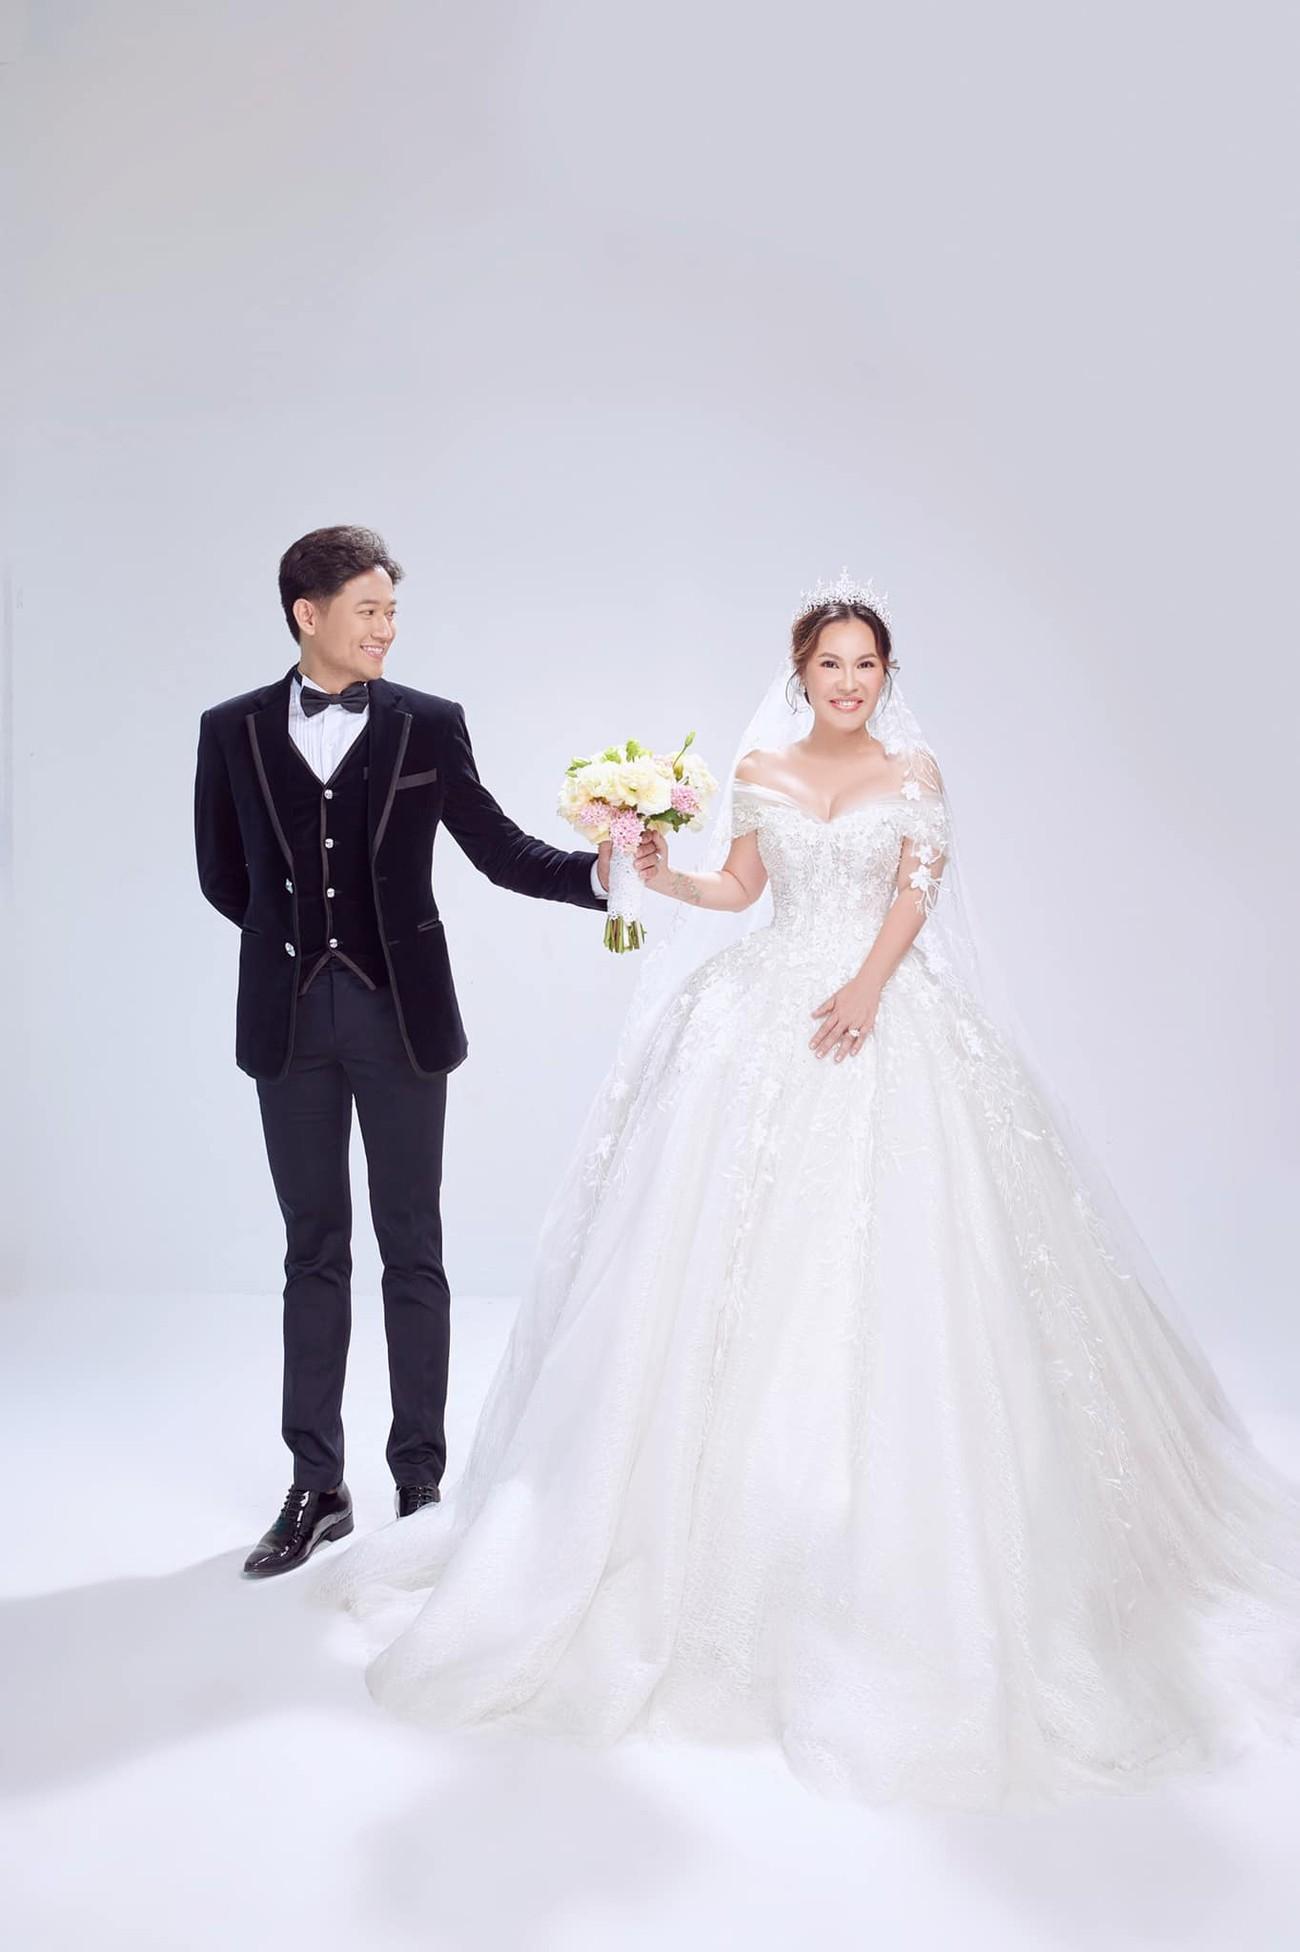 Hé lộ thêm ảnh cưới của Quý Bình, vợ doanh nhân cực trẻ trung và xinh đẹp ảnh 5